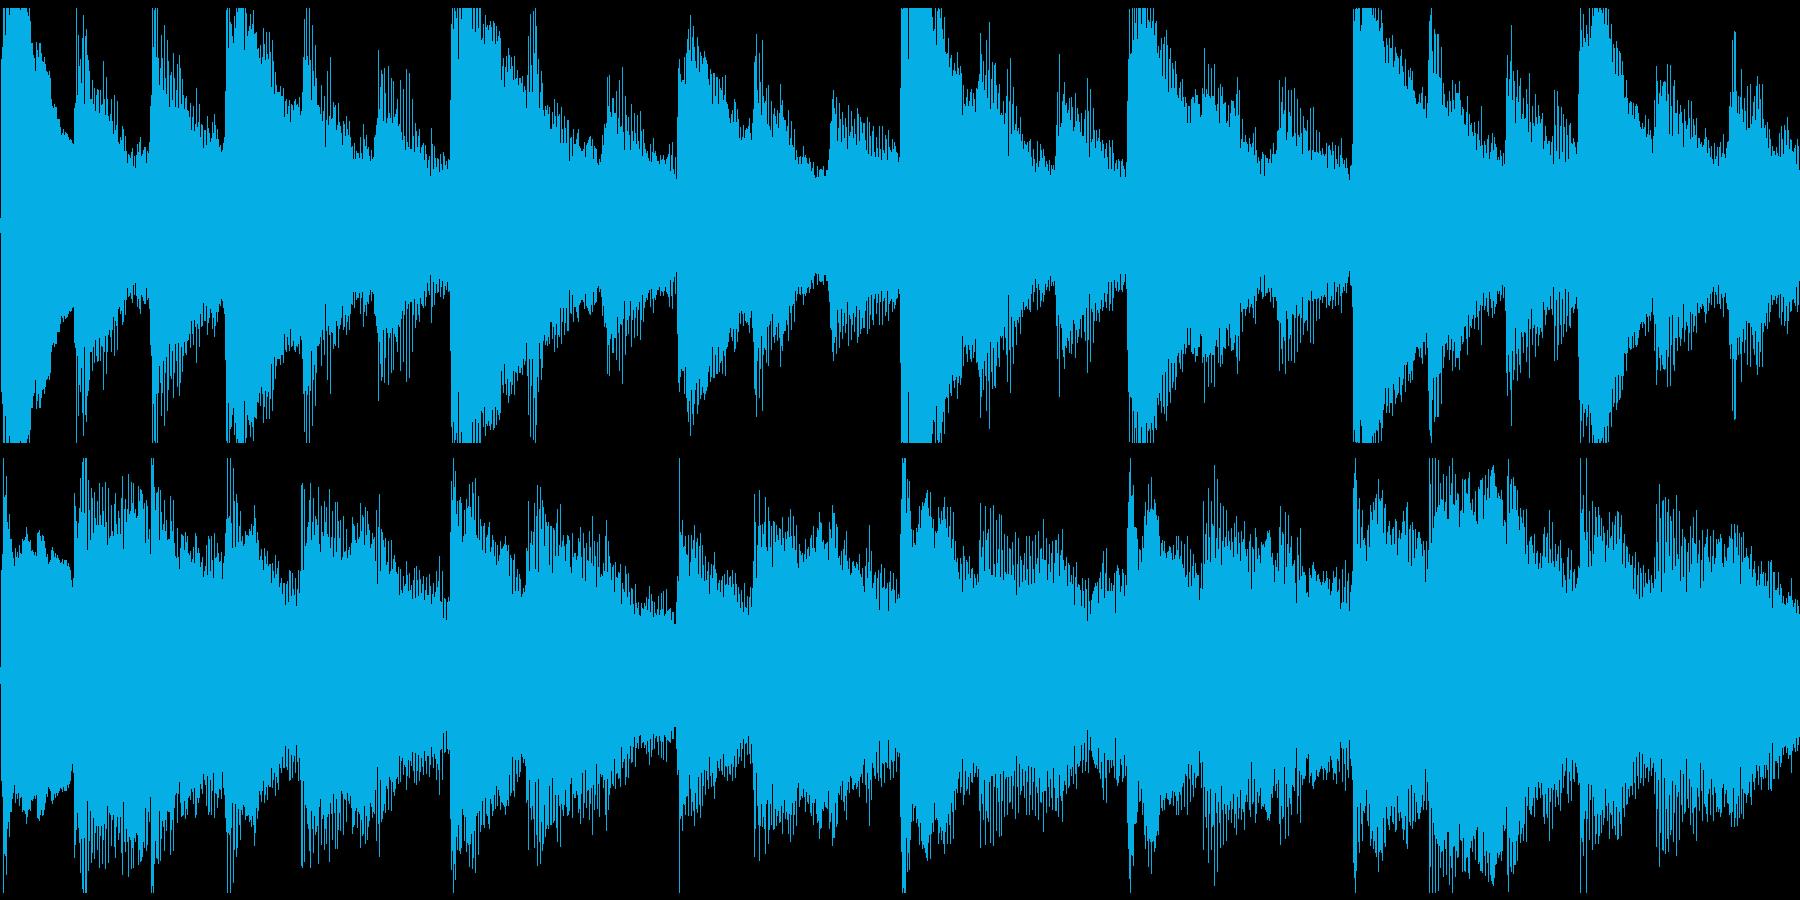 感動表現、CM,ブライダル、ループ4の再生済みの波形